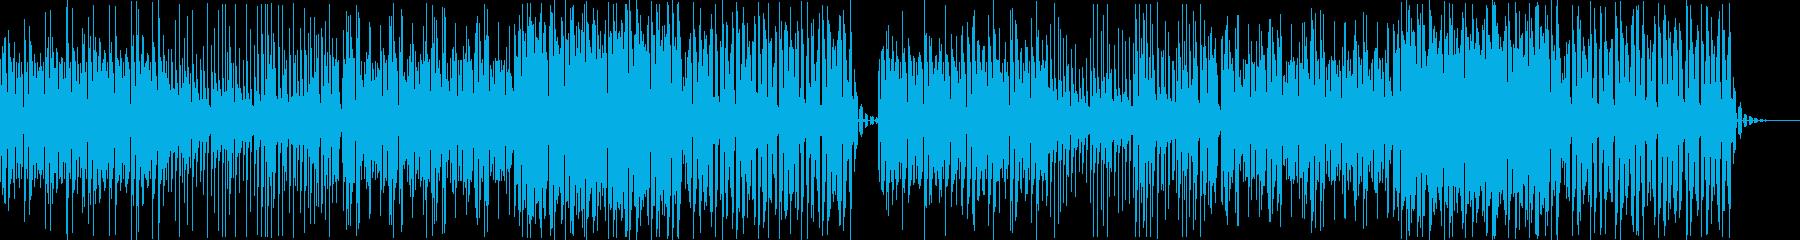 クール・おしゃれなEDM・12の再生済みの波形